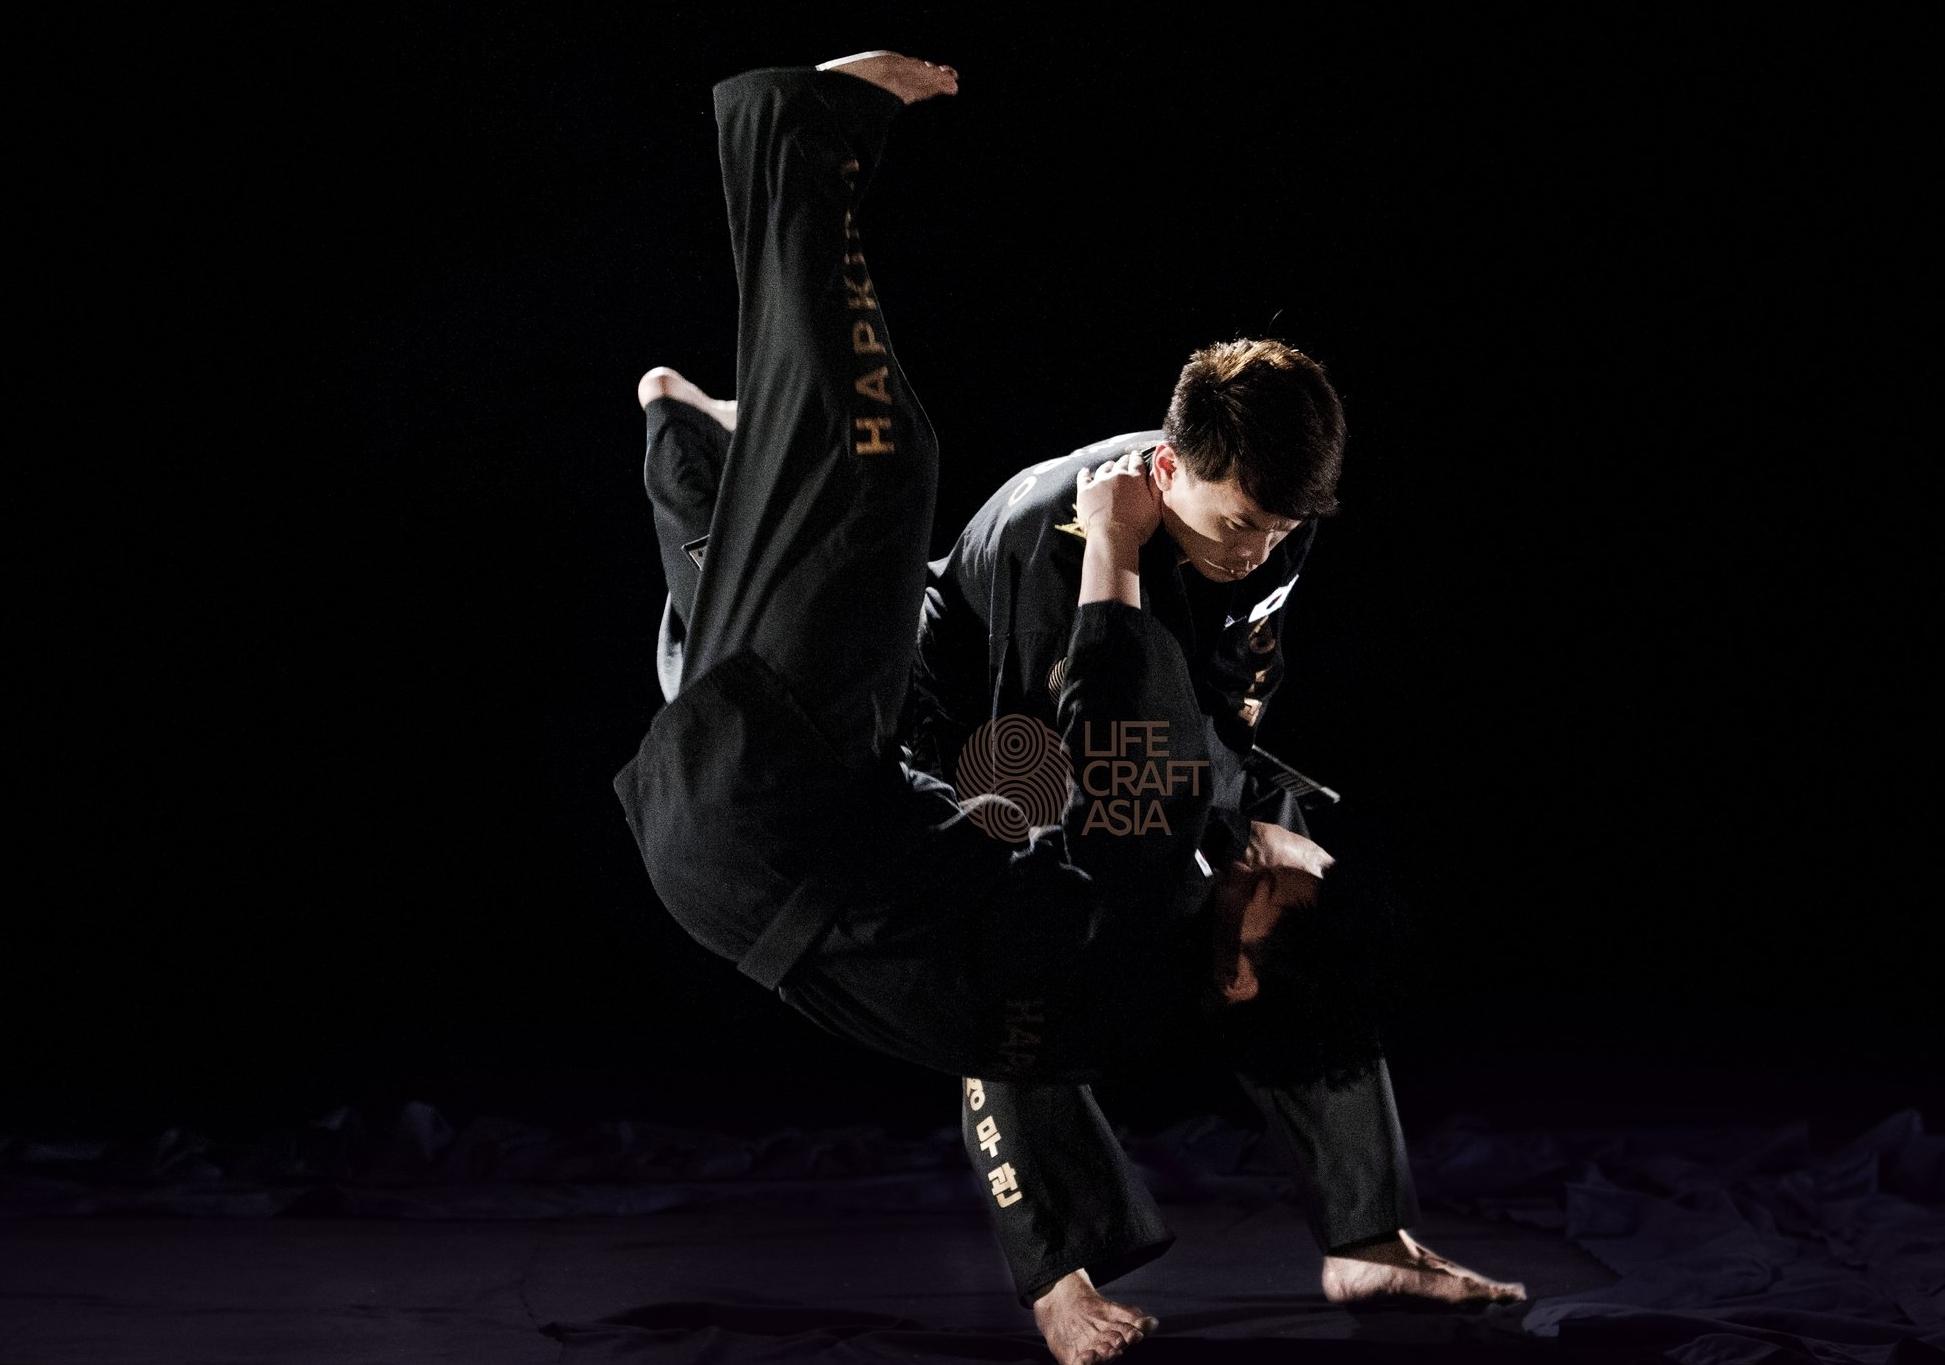 Hapkido - LifeCraft Asia